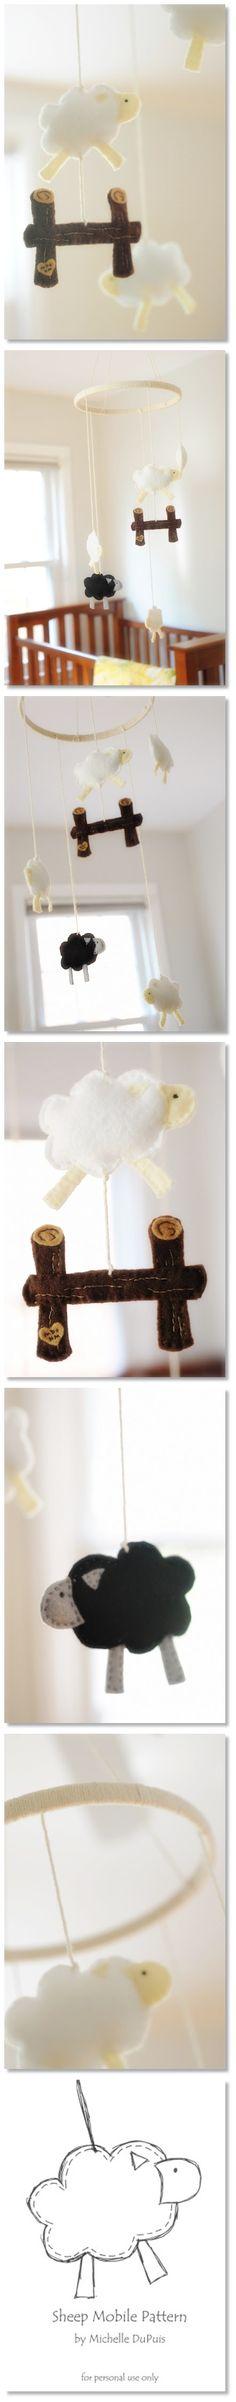 Hand Made_felt sheep mobile